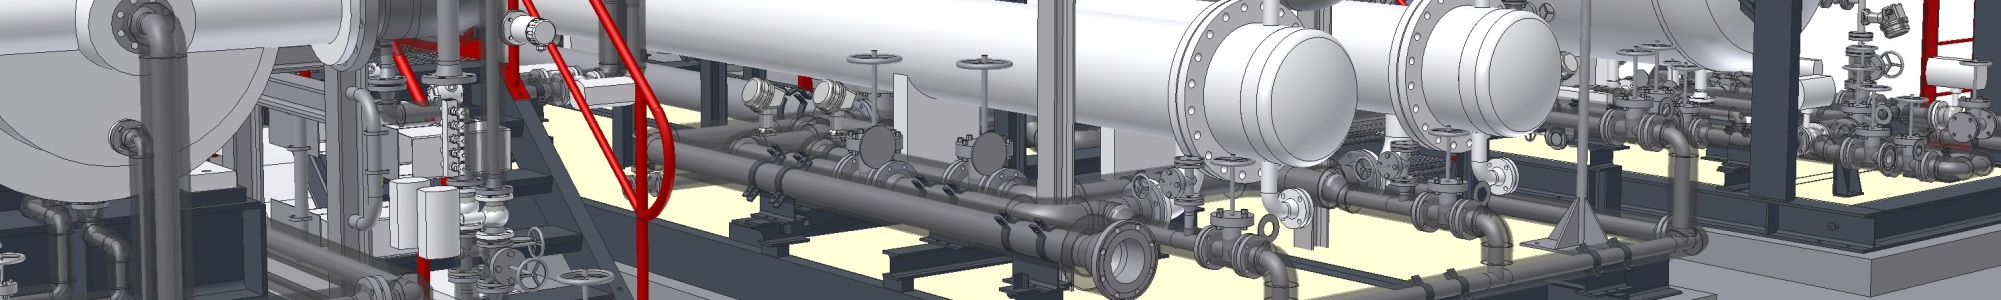 Machinebouw, Olie & Gas Bouw